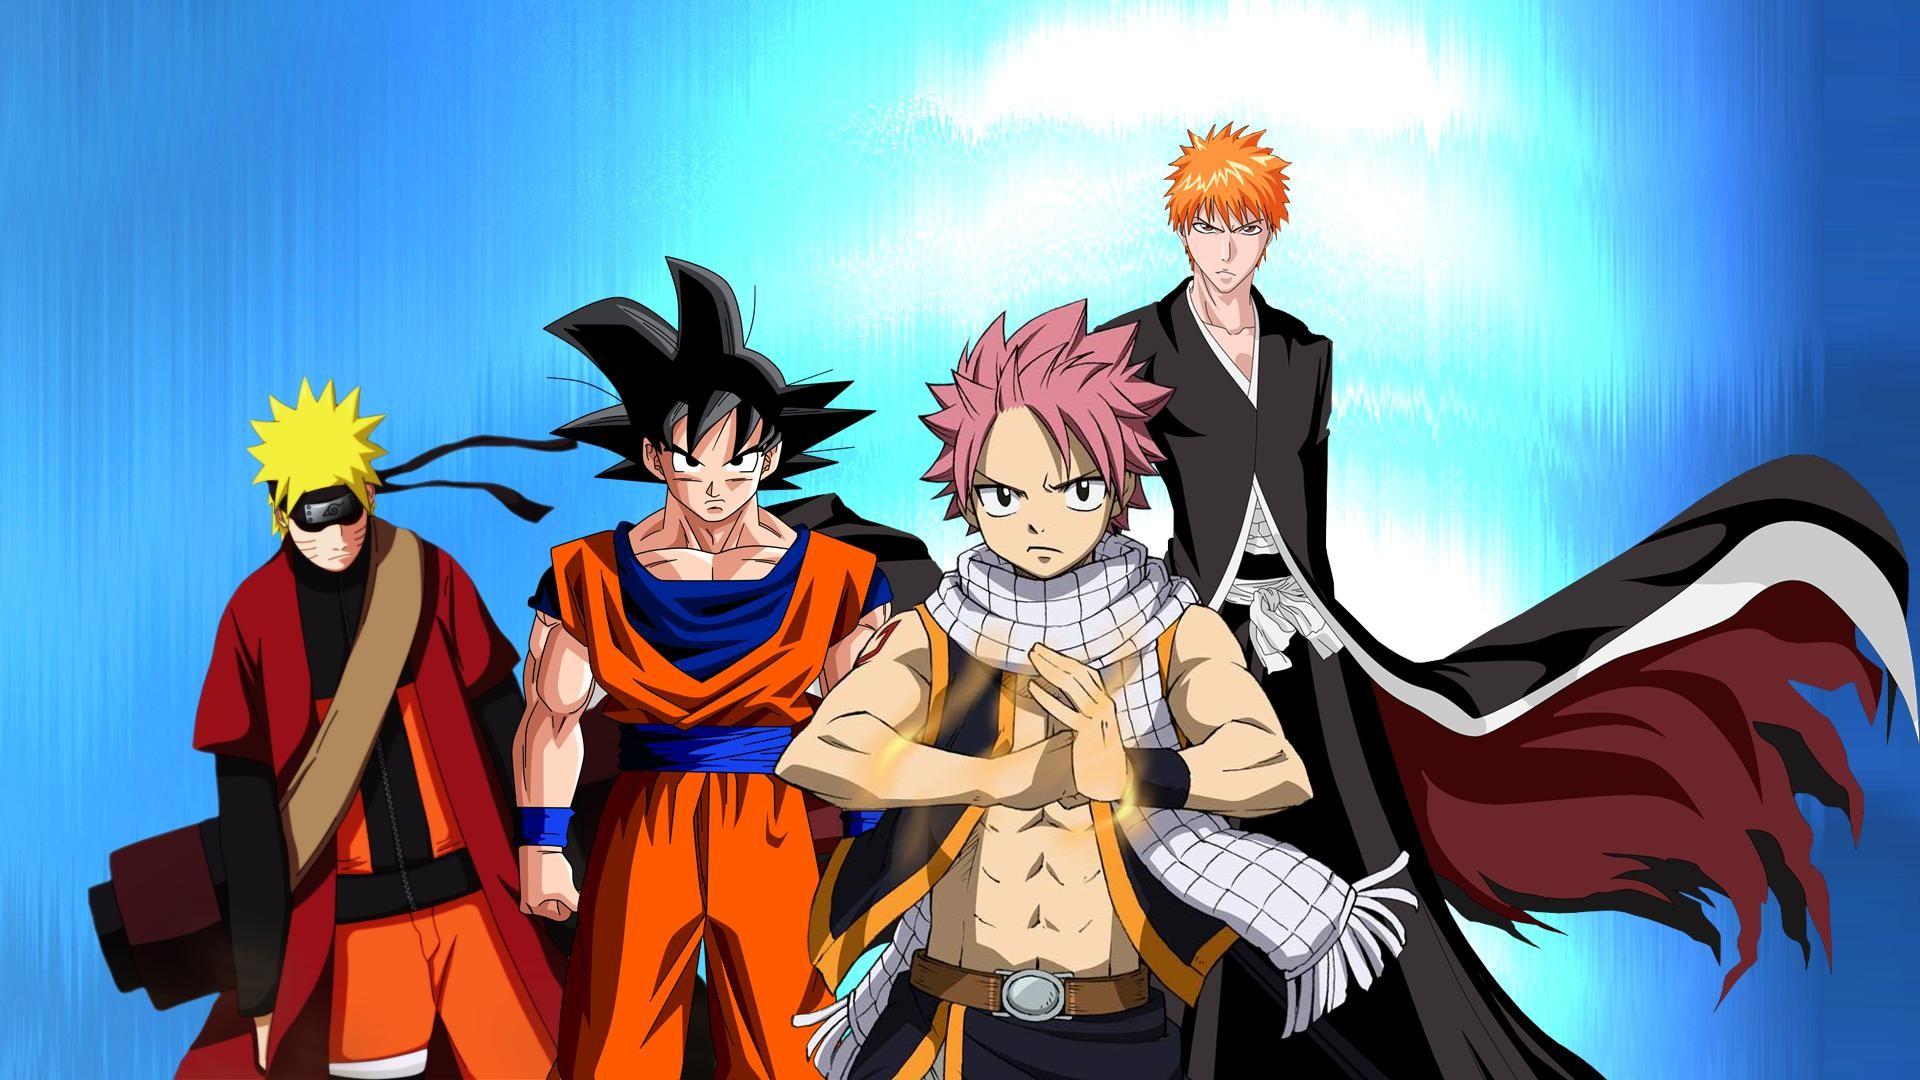 Goku Naruto Ichigo Natsu Cartoon HD Wallpaper   New HD 1920x1080